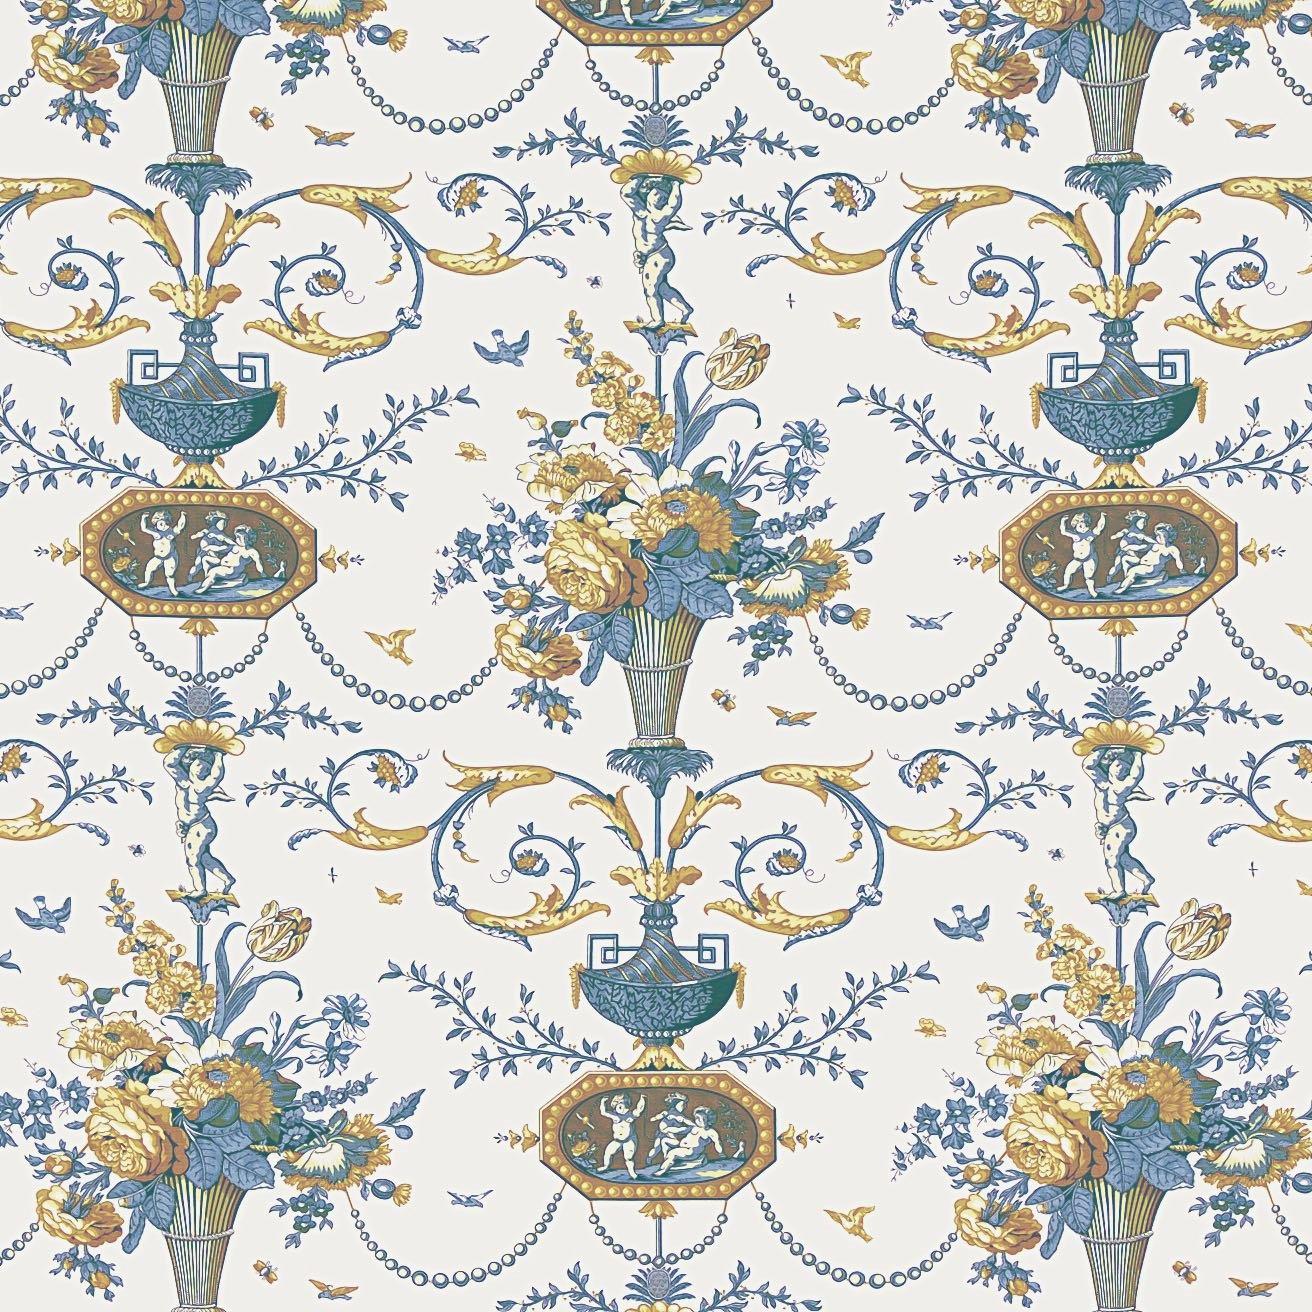 インテリアファブリック インテリアファブリック ルイ16世 フラワープリント カメオ ブルー - 129213644